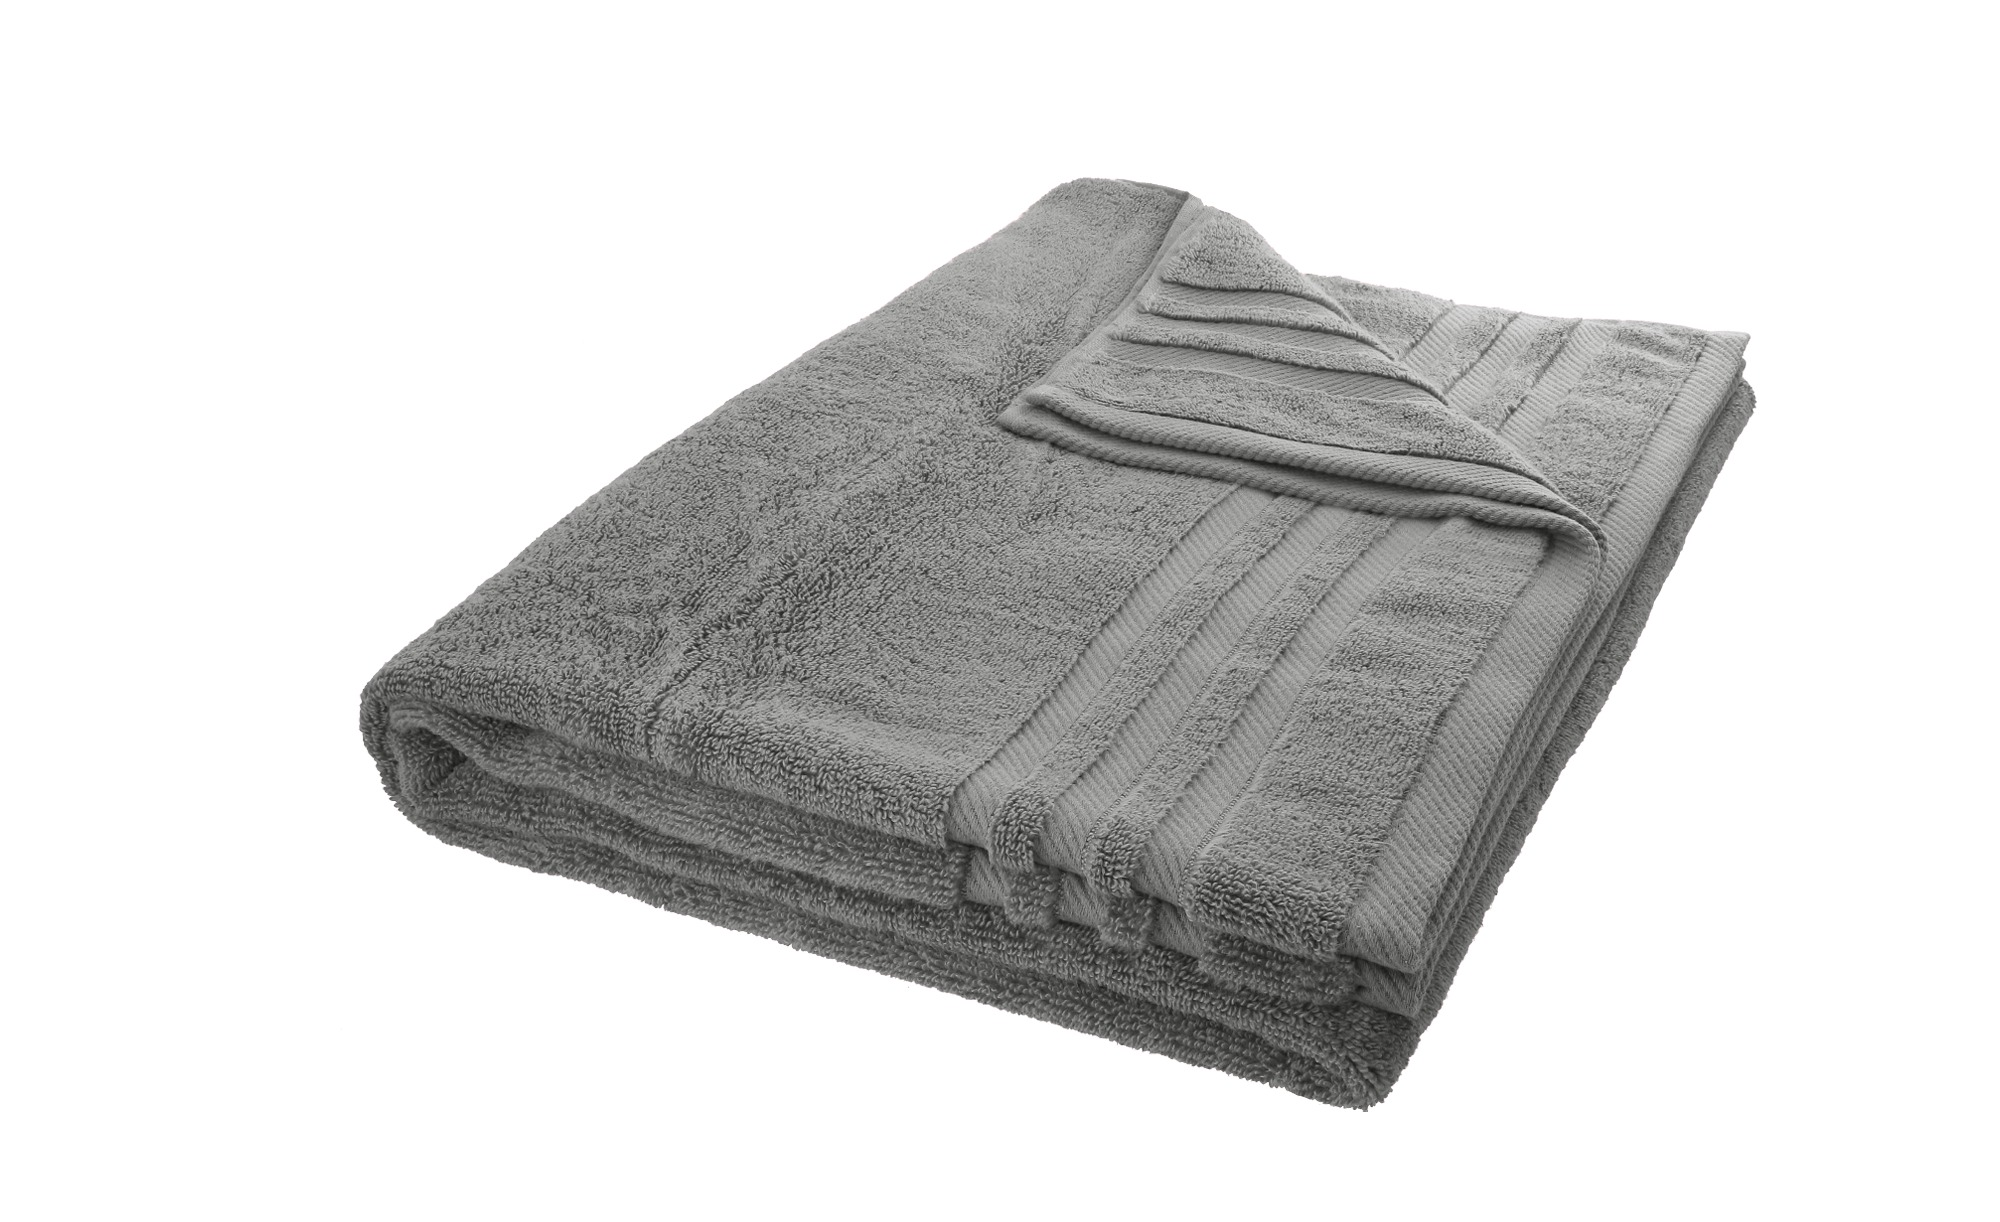 LAVIDA Badetuch  Soft Cotton ¦ grau ¦ reine Micro-Baumwolle ¦ Maße (cm): B: 100 Badtextilien und Zubehör > Handtuch-Sets - Höffner